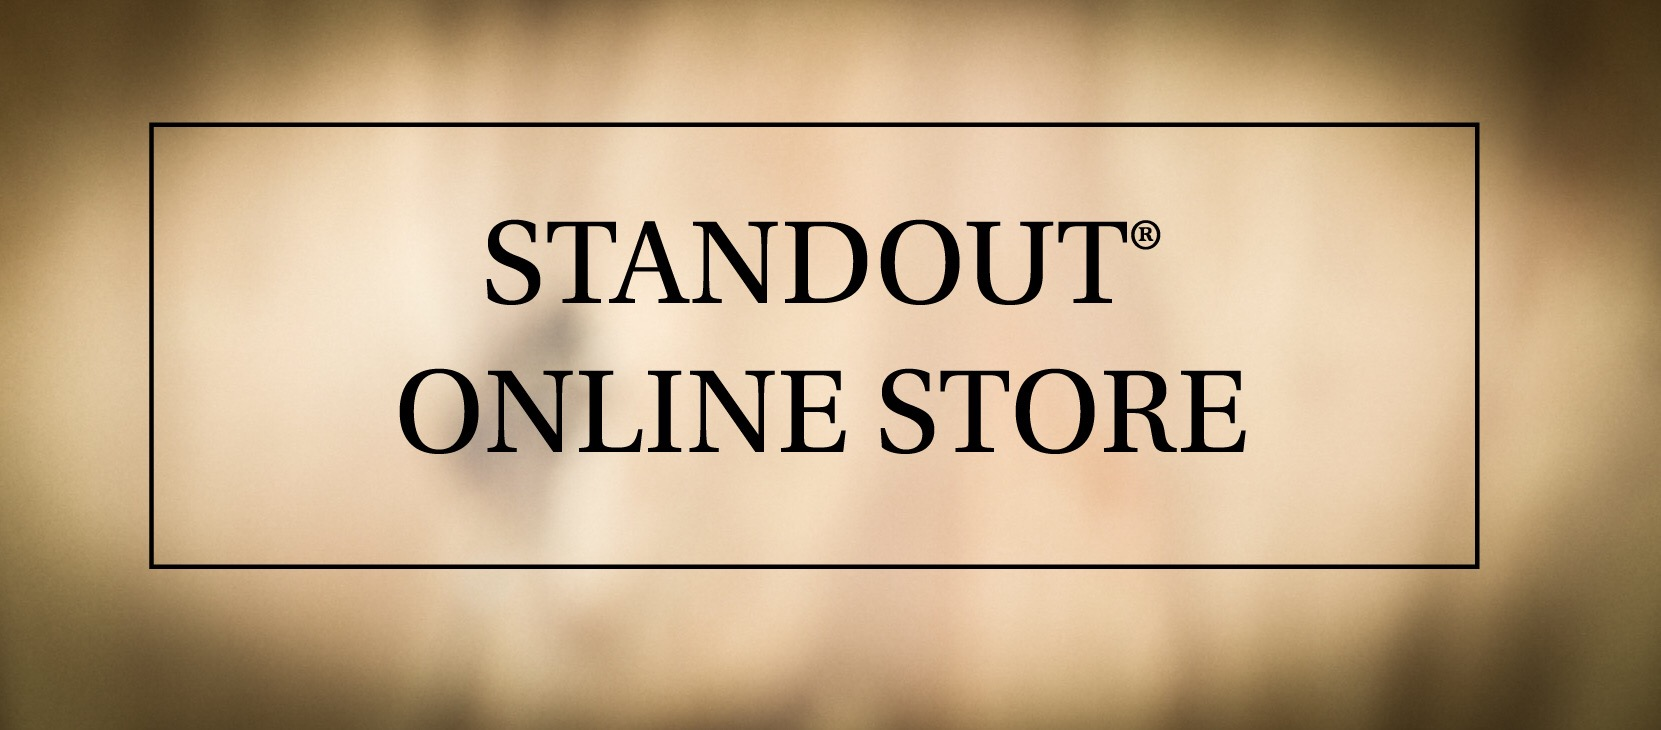 オリジナルモーターサイクルウェア,オリジナルレザーグローブの販売 STANDOUT ONLINESTORE